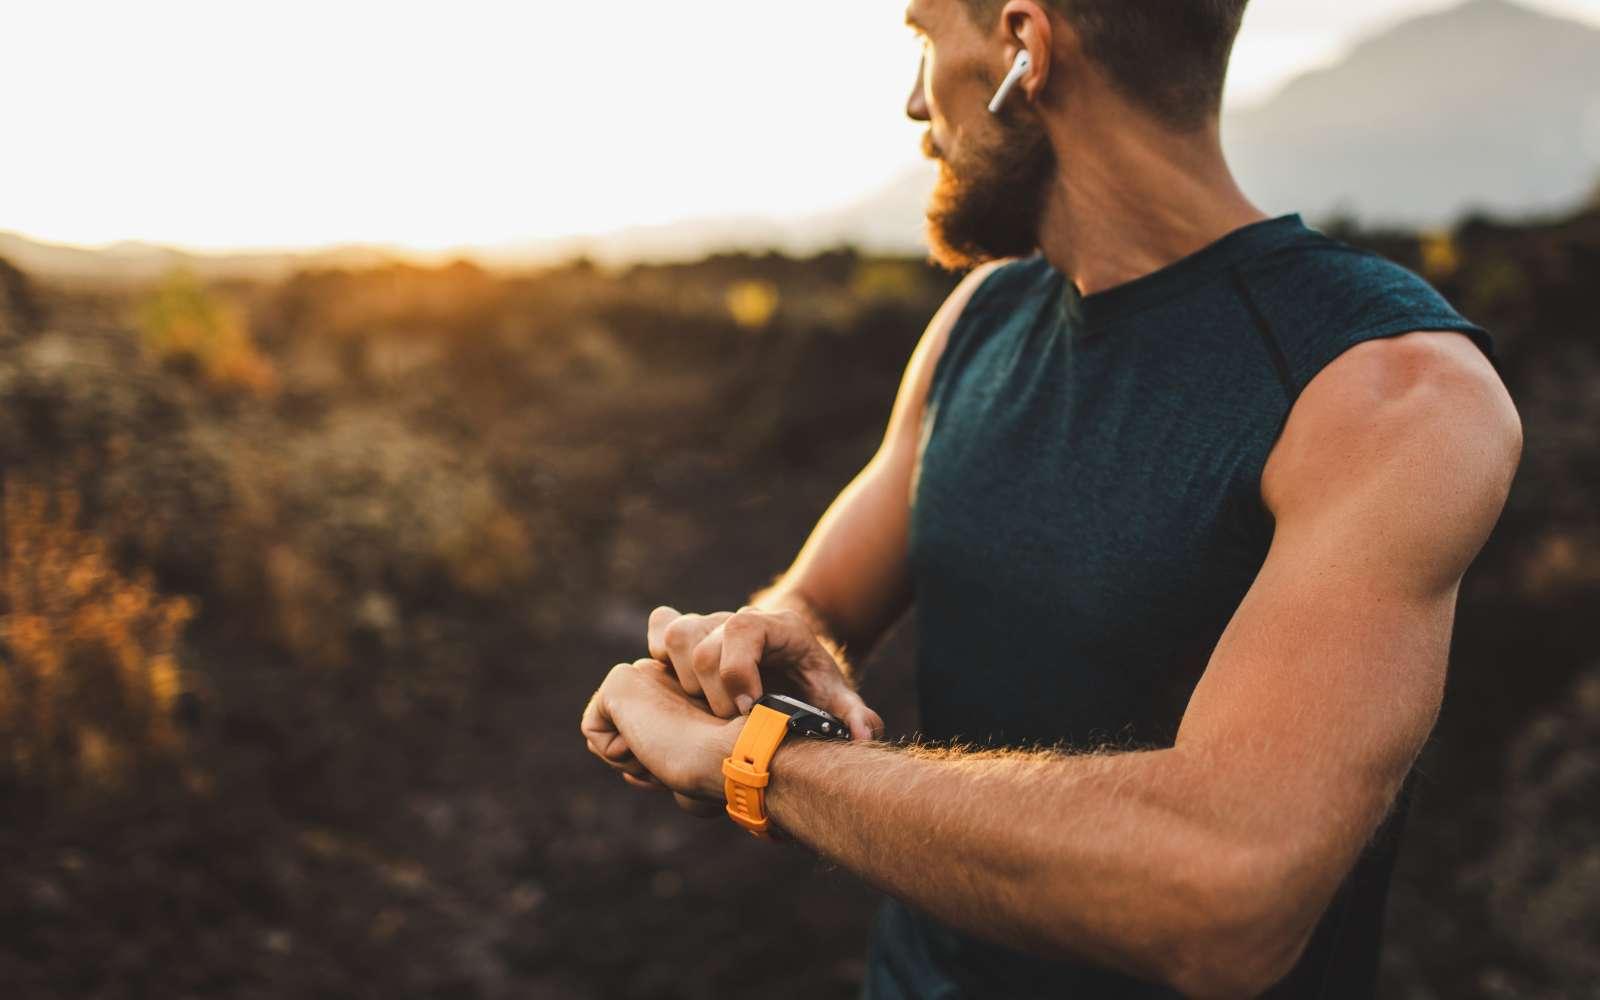 runner con canotta e cuffie senza filo controlla la frequenza cardiaca sull'orologio